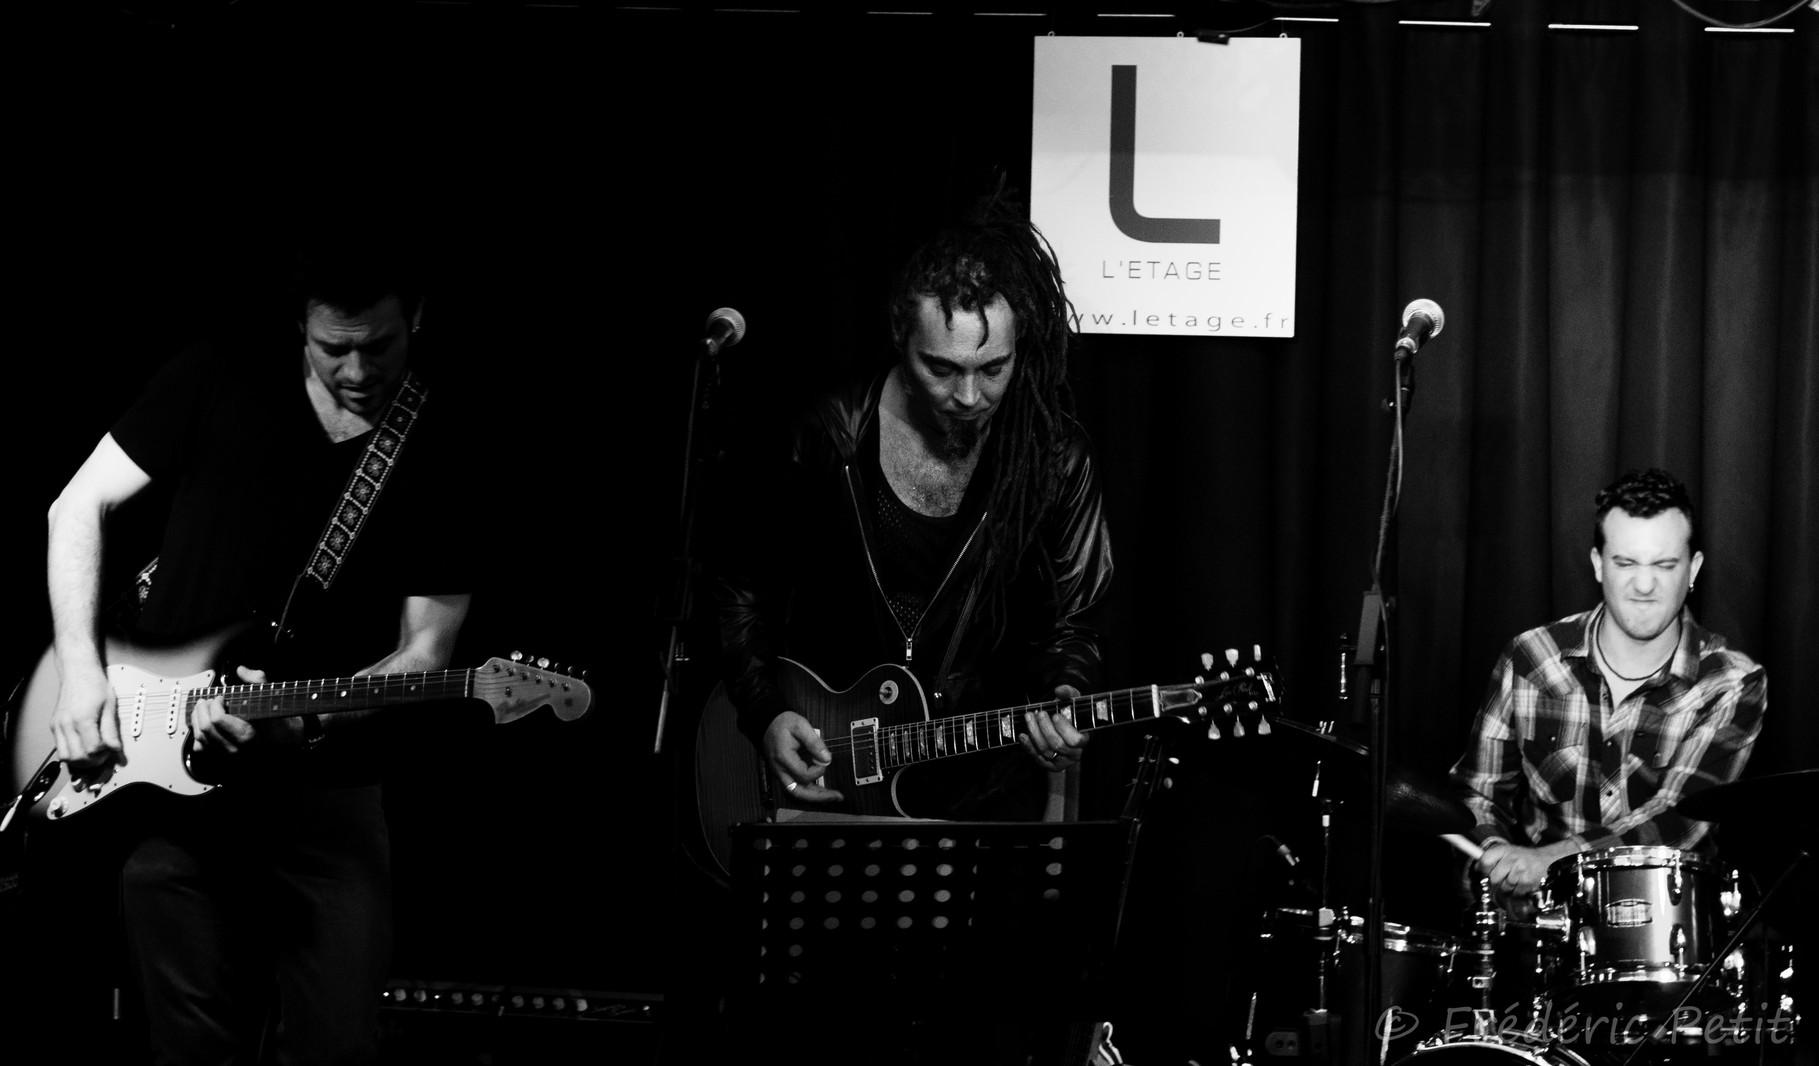 6 novembre 2013 - Éric Sauviat - Seb Chouard Group & Friends @ L'Étage